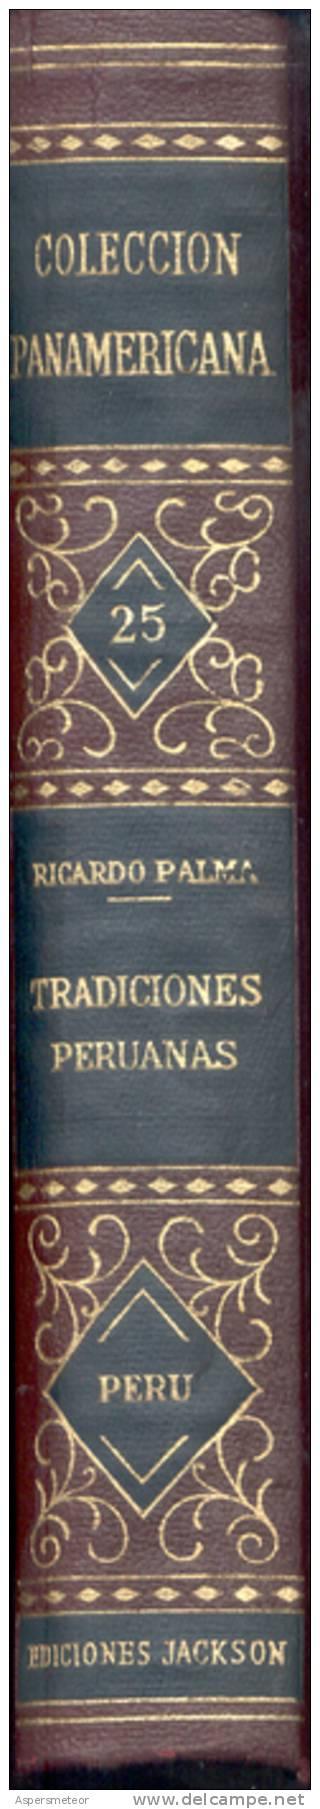 TRADICIONES PERUANAS  RICARDO PALMA  EDICIONES JACKSON  COLECCION PANAMERICANA  OHL - Encyclopédies